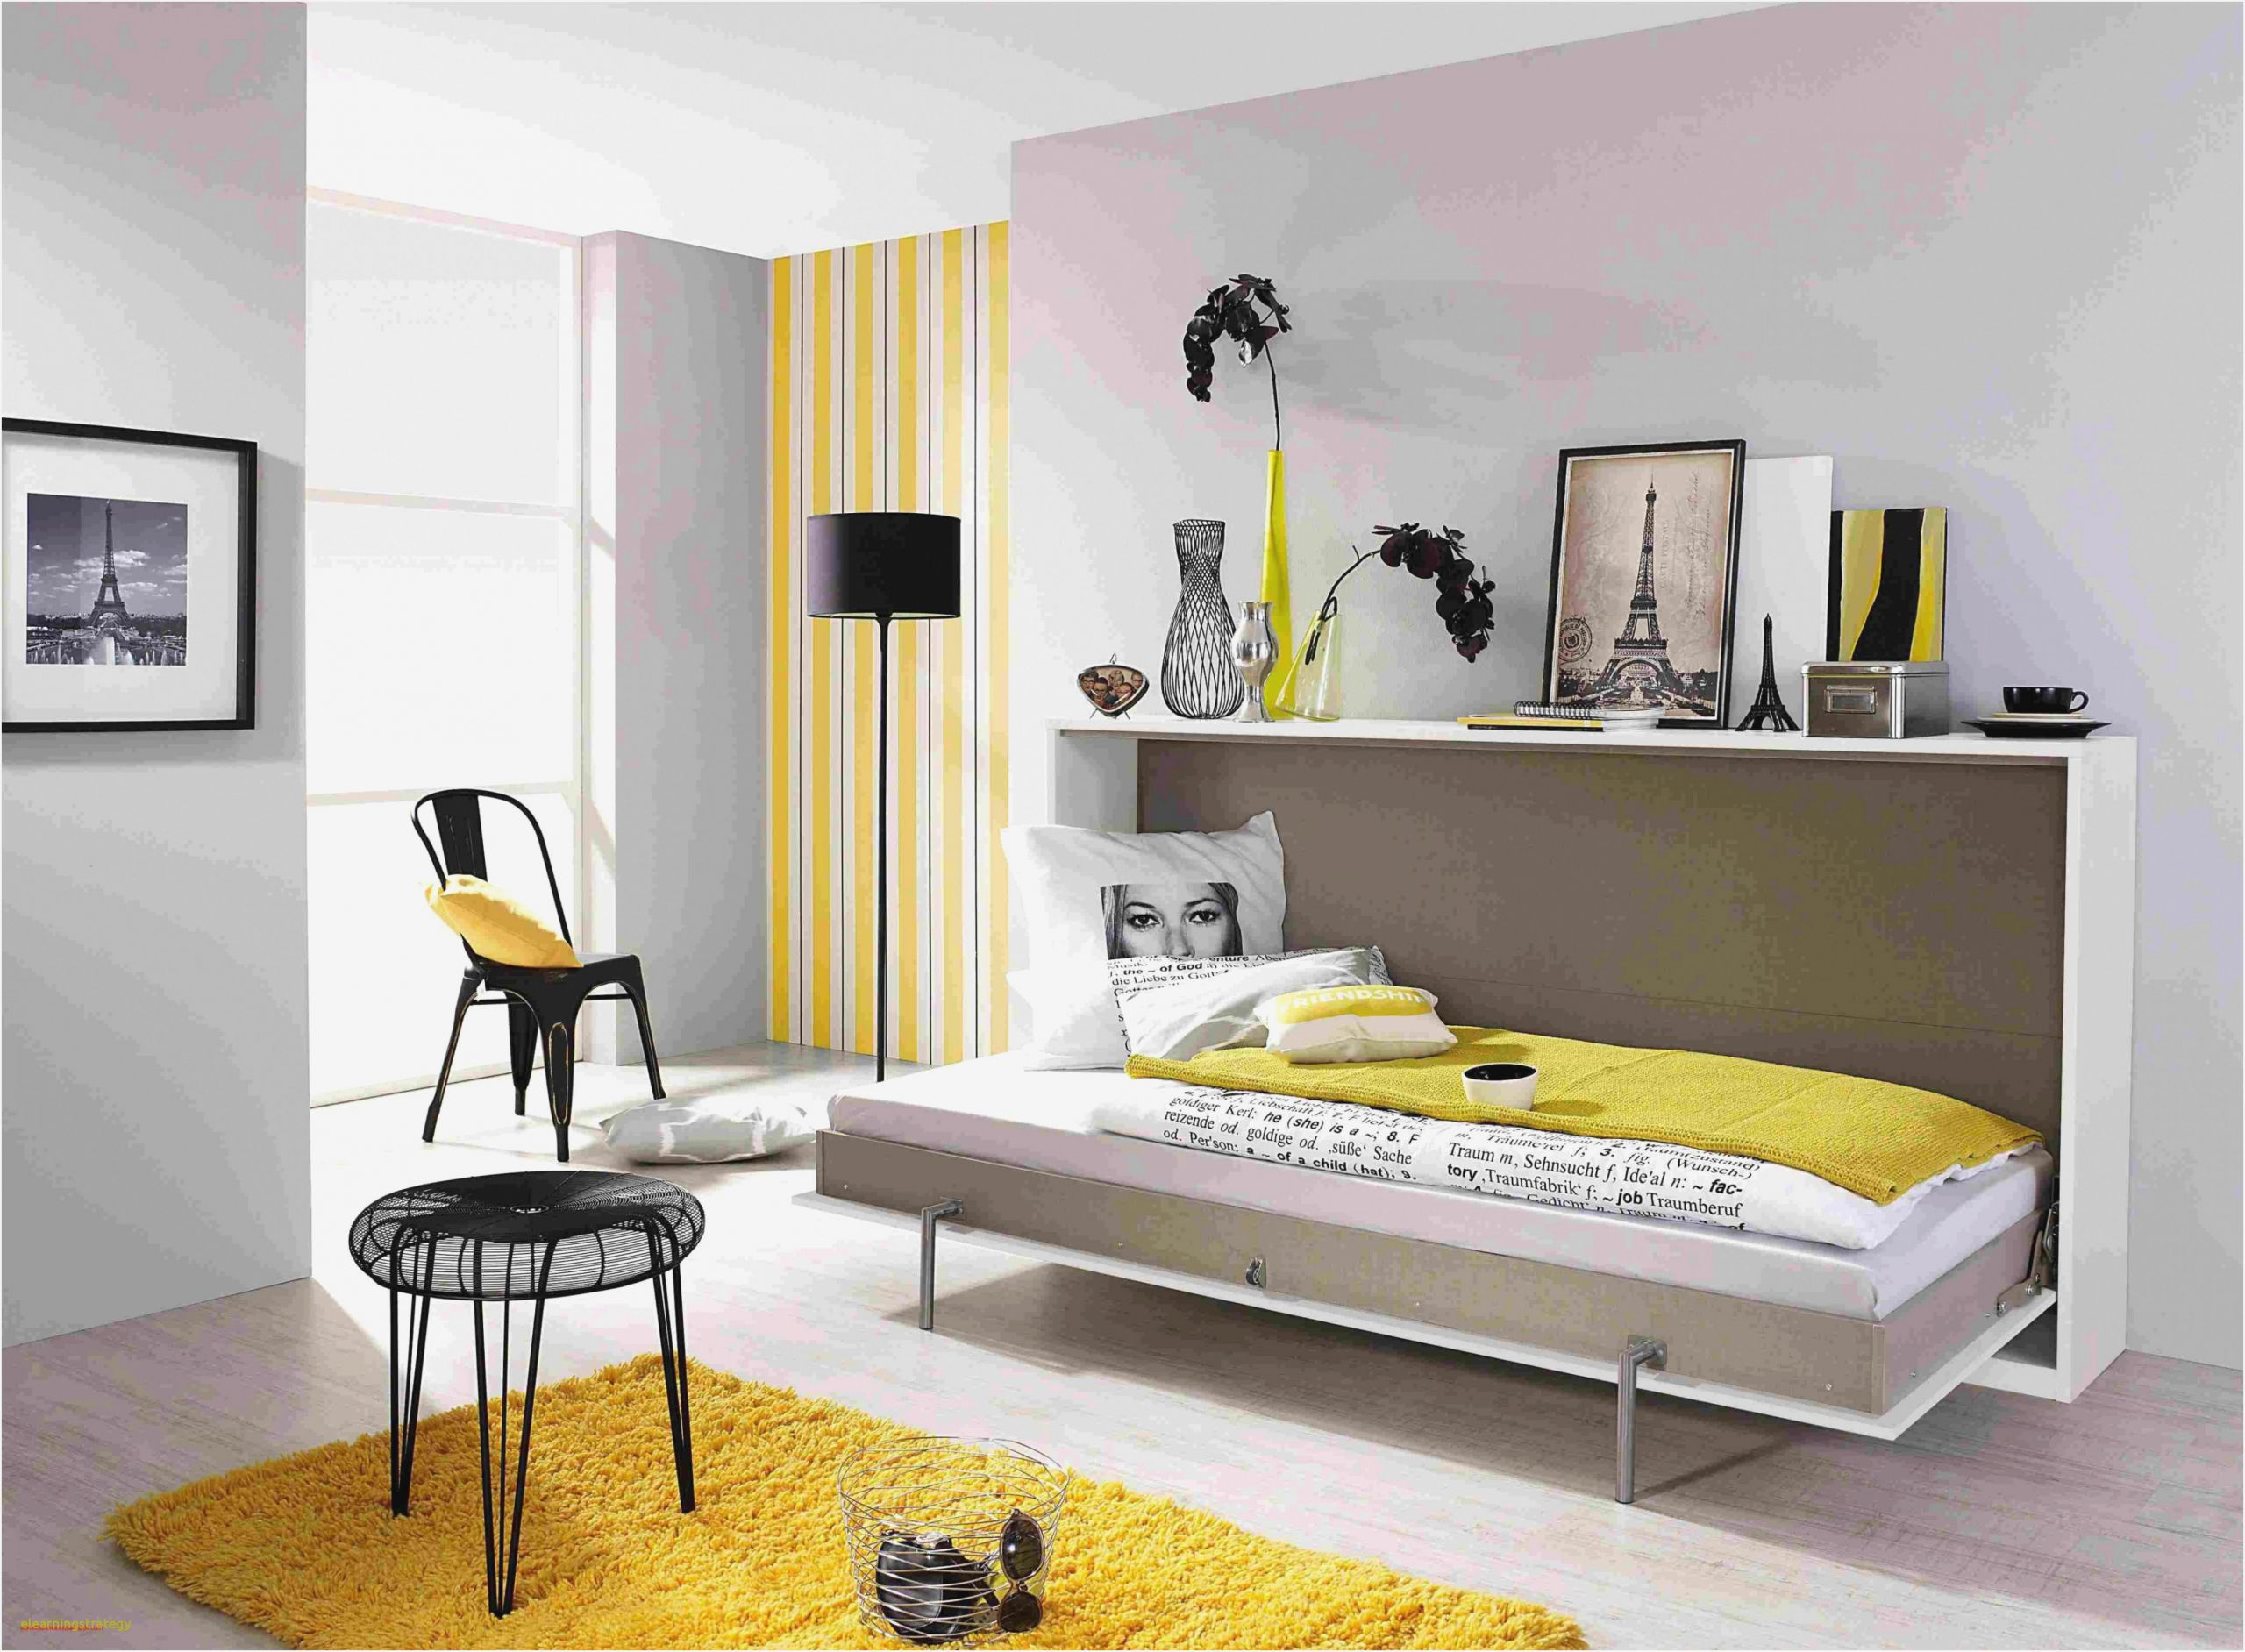 Full Size of Wandgestaltung Kinderzimmer Jungen Junge Und Mdchen Regale Regal Weiß Sofa Wohnzimmer Wandgestaltung Kinderzimmer Jungen